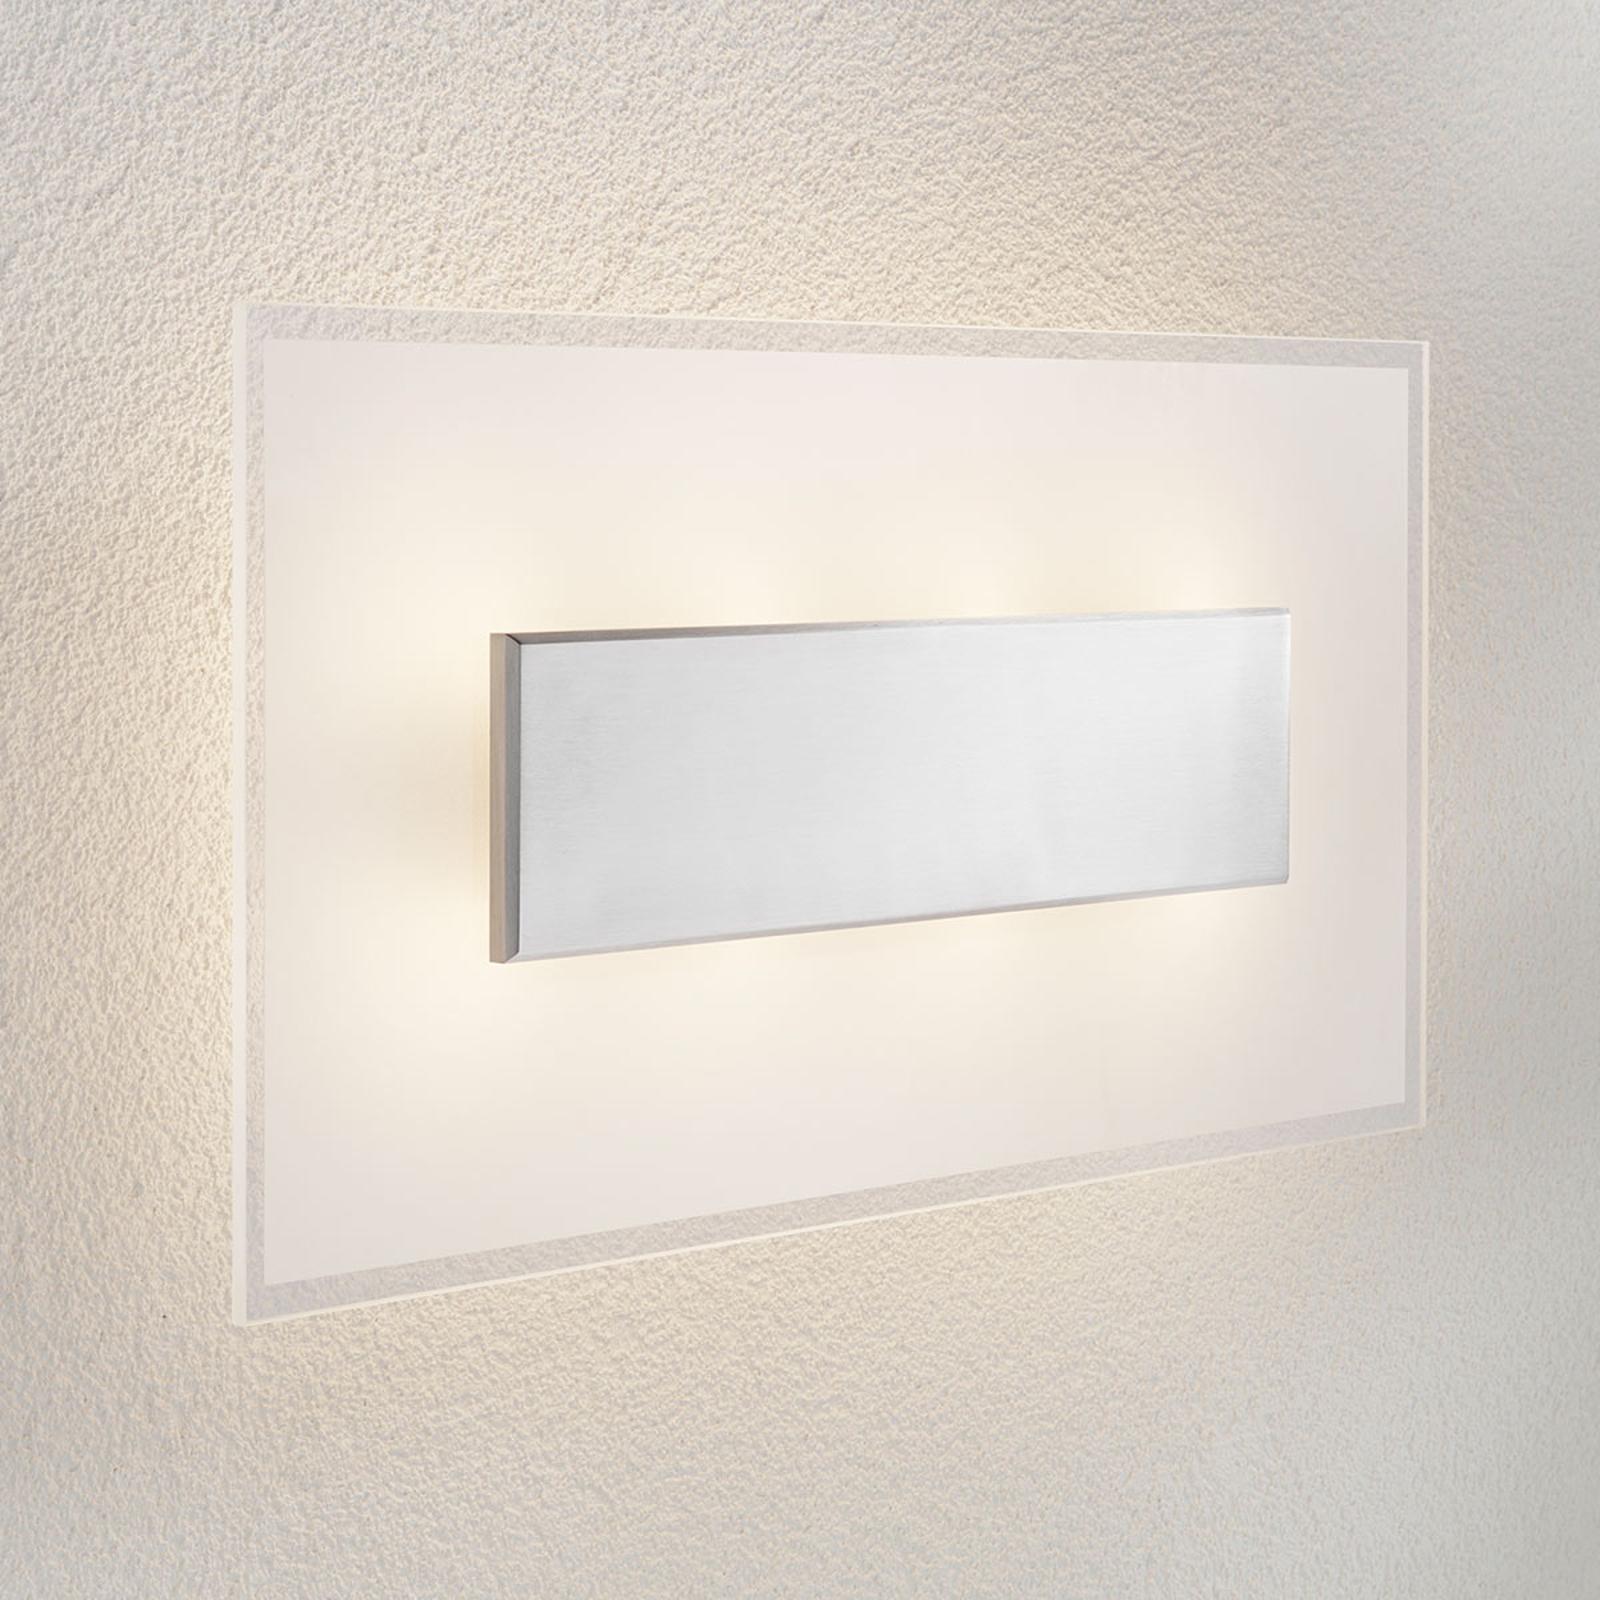 LED-Wandleuchte Lole mit Glasschirm, 59 x 29 cm